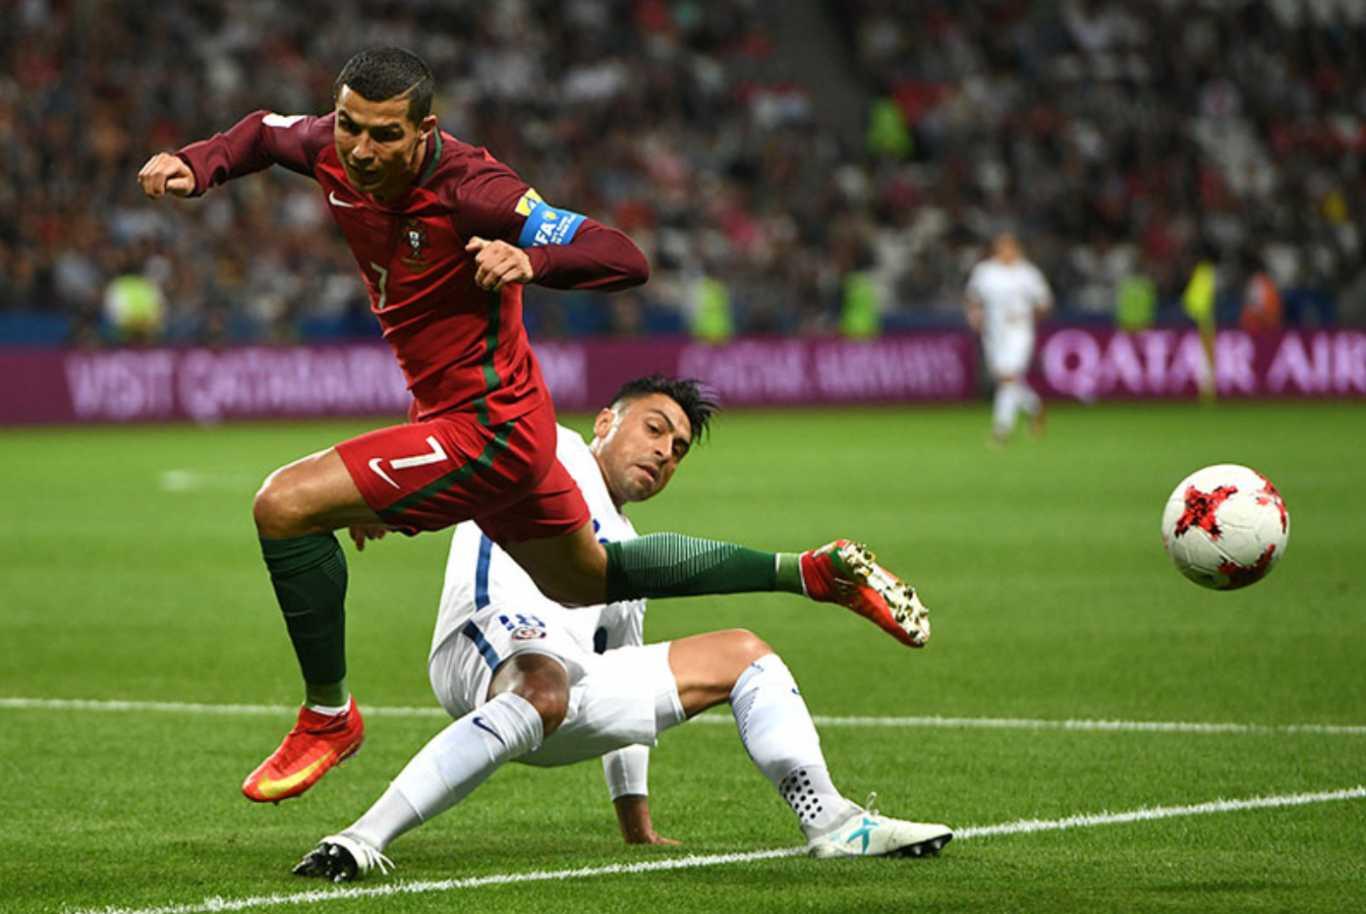 Inesperado bet365 español futbol en vivo